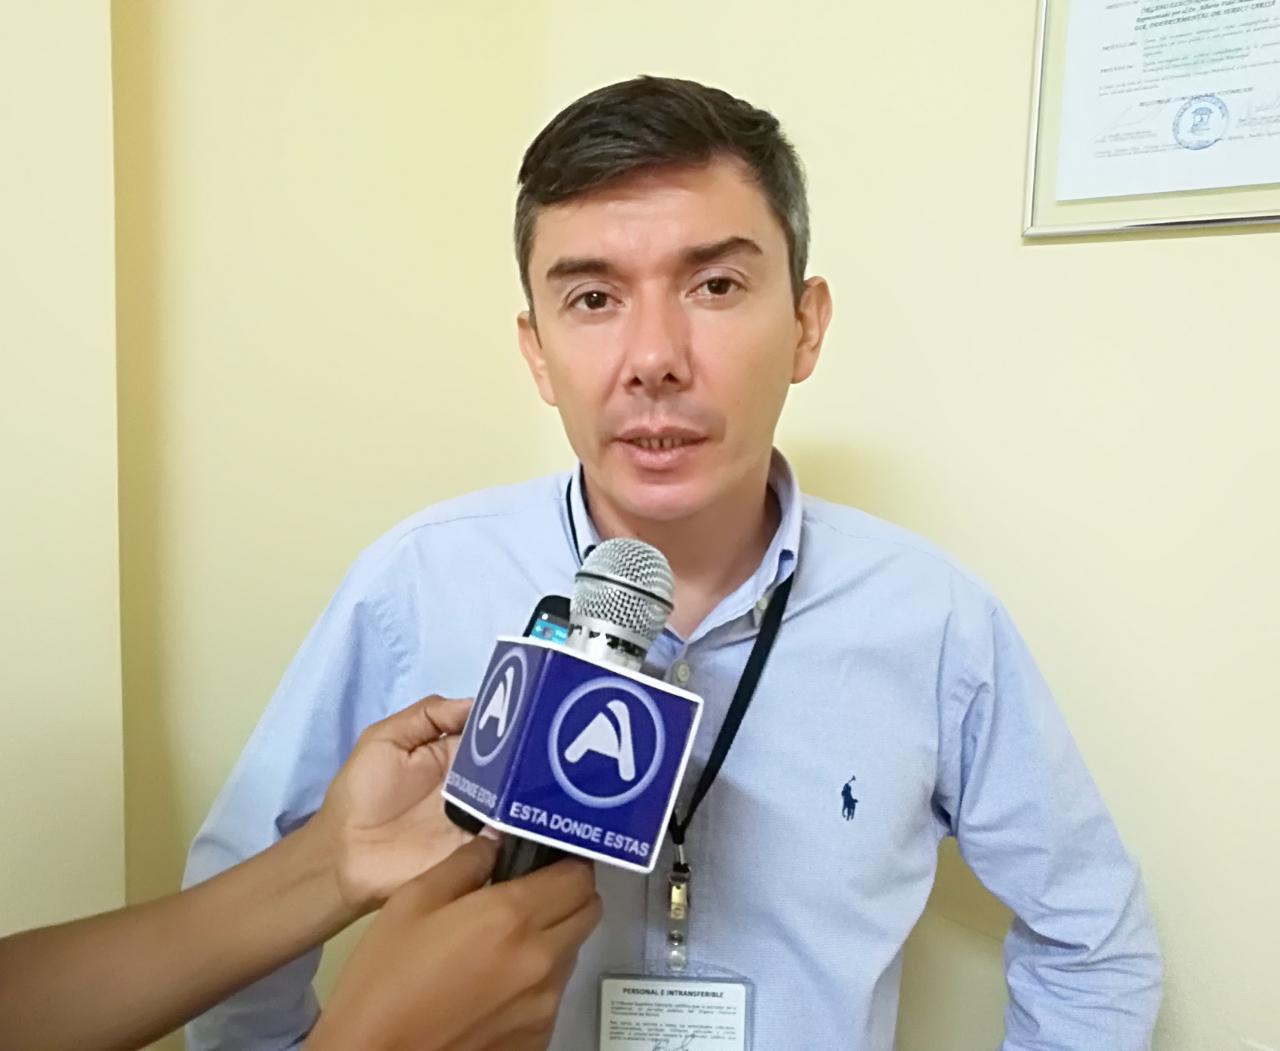 Sereci de Tarija implementará 14 brigadas móviles para el empadronamiento biométrico